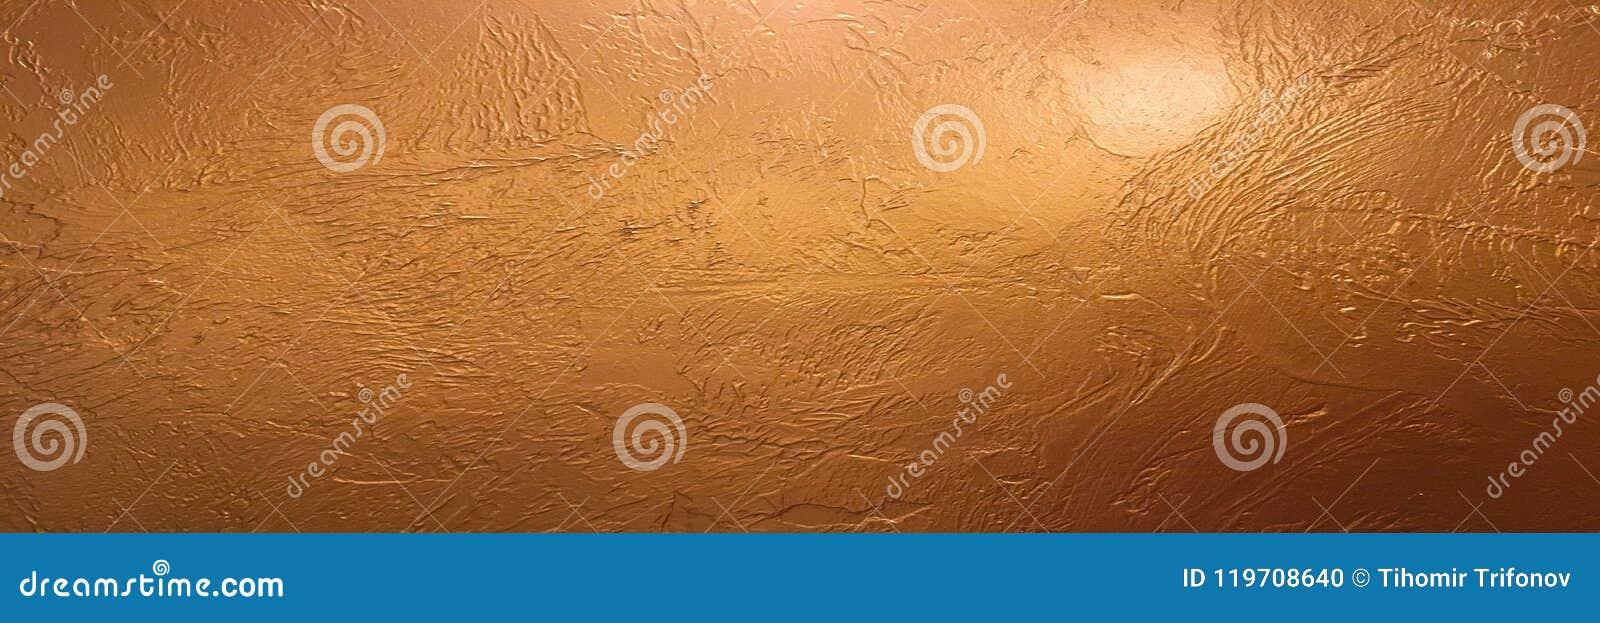 Fundo do ouro ou sombra da textura e dos inclinações Fundo amarelo brilhante da textura da folha de ouro da folha O papel de fund